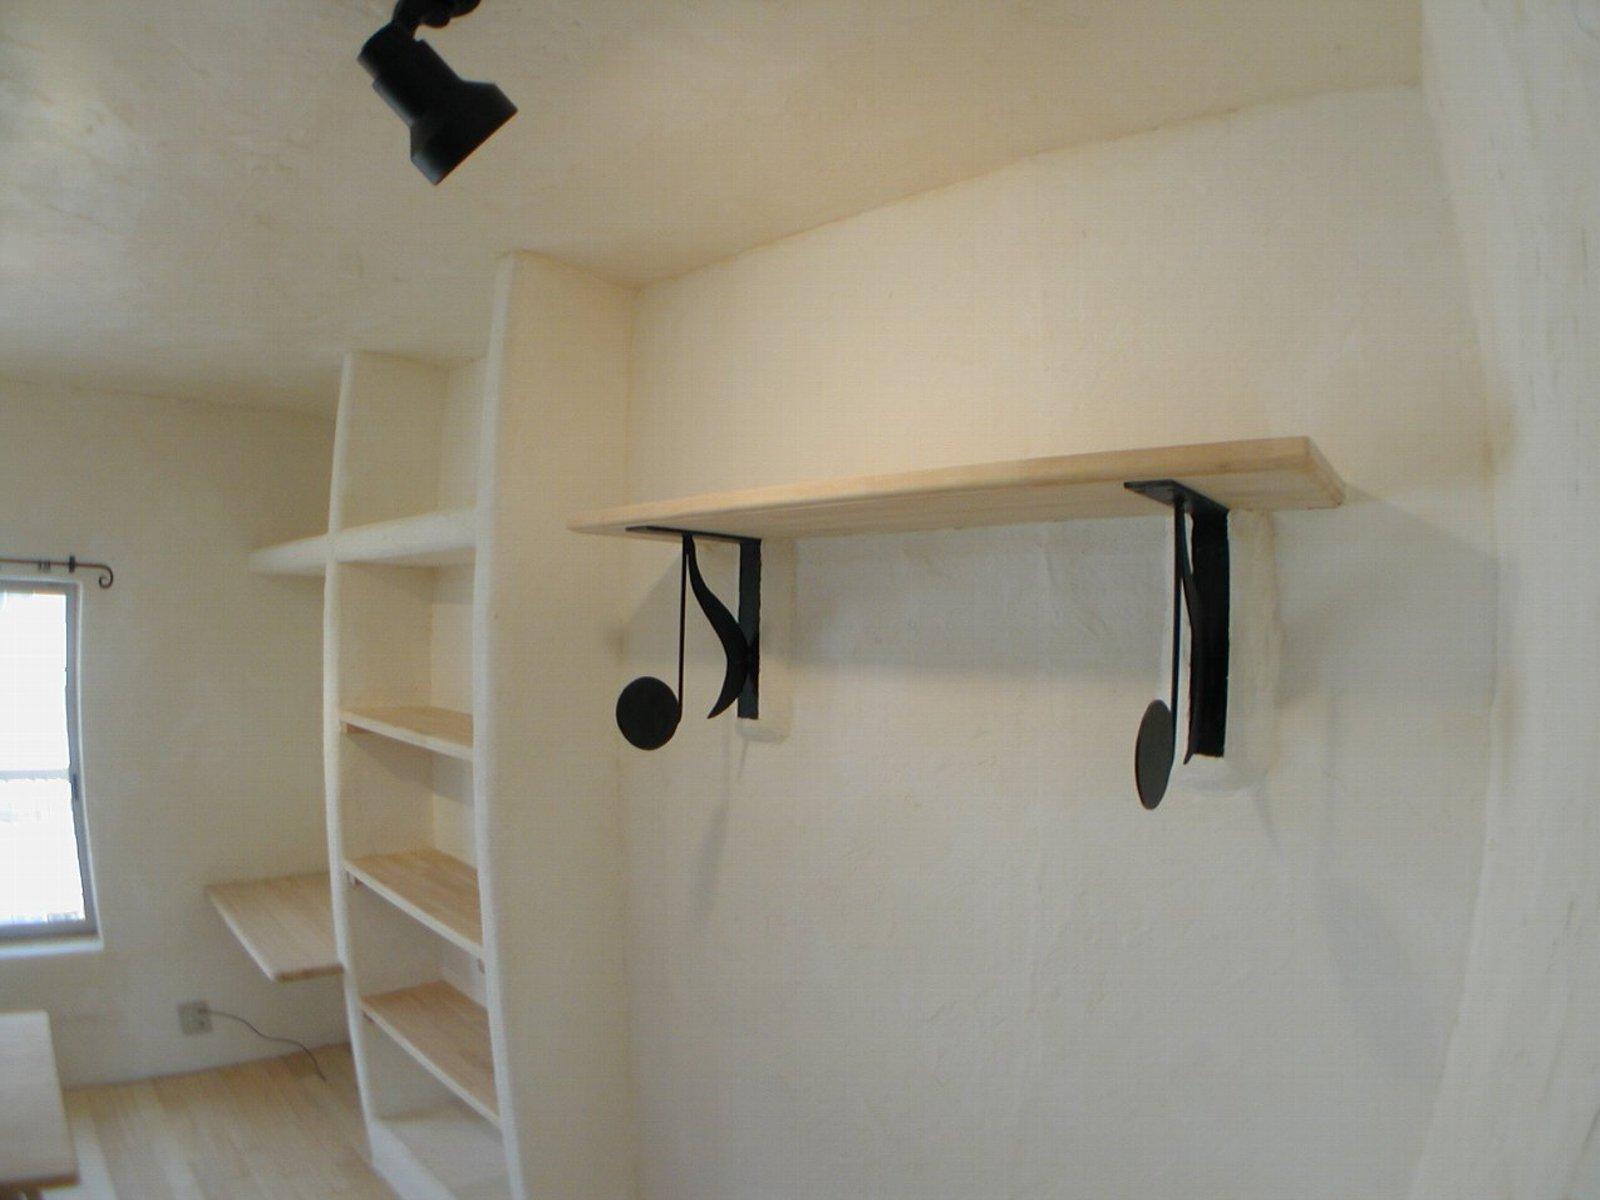 リビングダイニング事例:ダイニングにあるおしゃれな棚(渦森台18号その1 409号室 2005年)